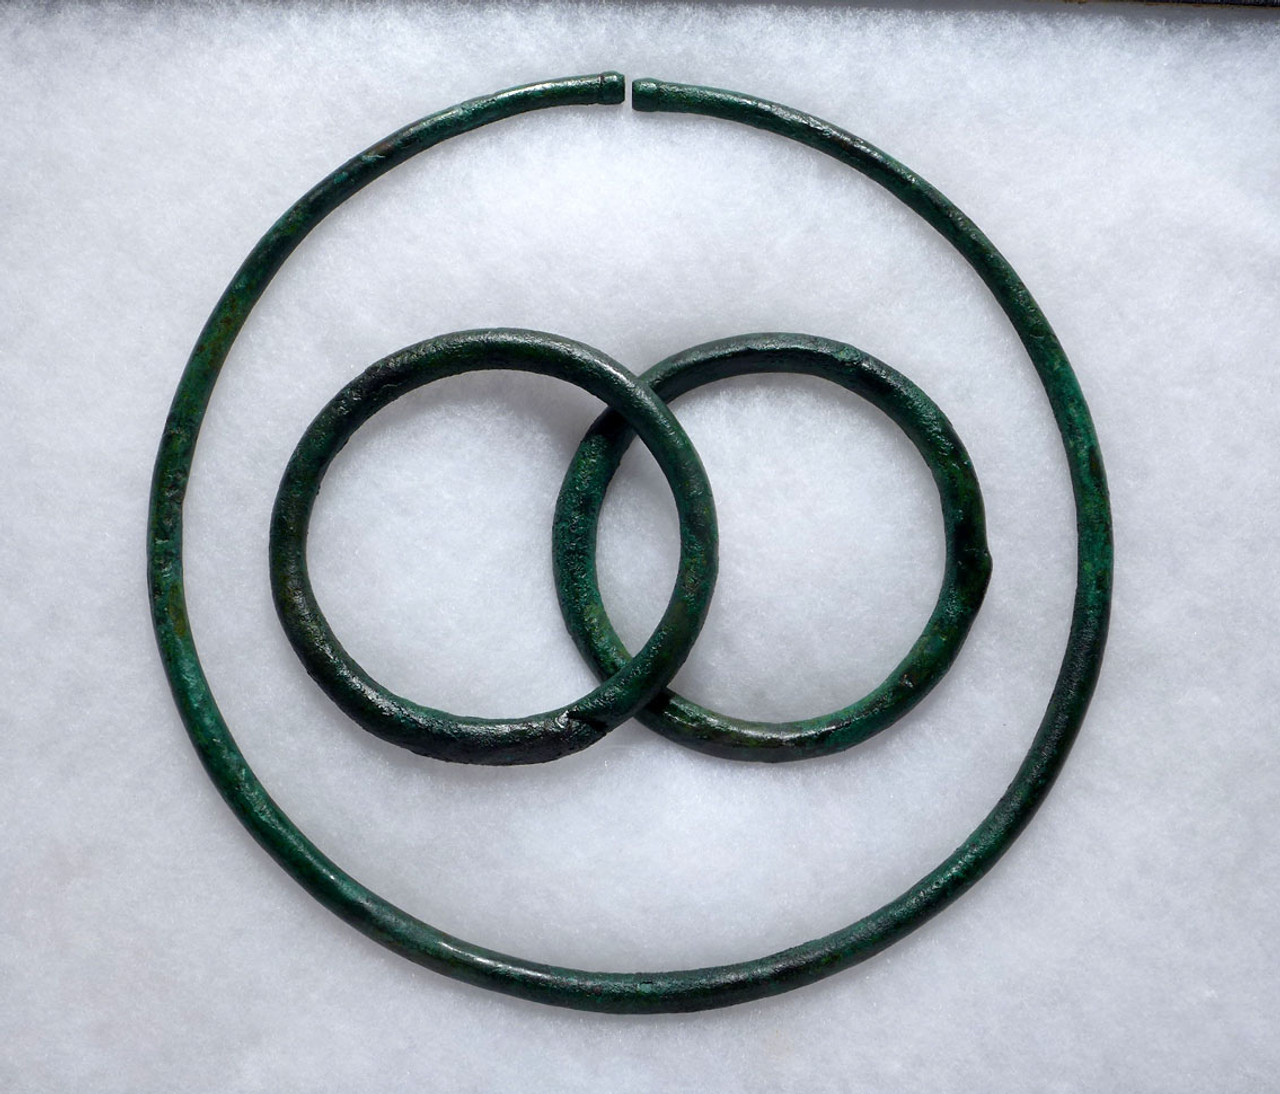 MUSEUM-CLASS CELTIC ANCIENT PRESTIGE BRONZE TORC NECK RING AND BRACELET SET  *CEL004